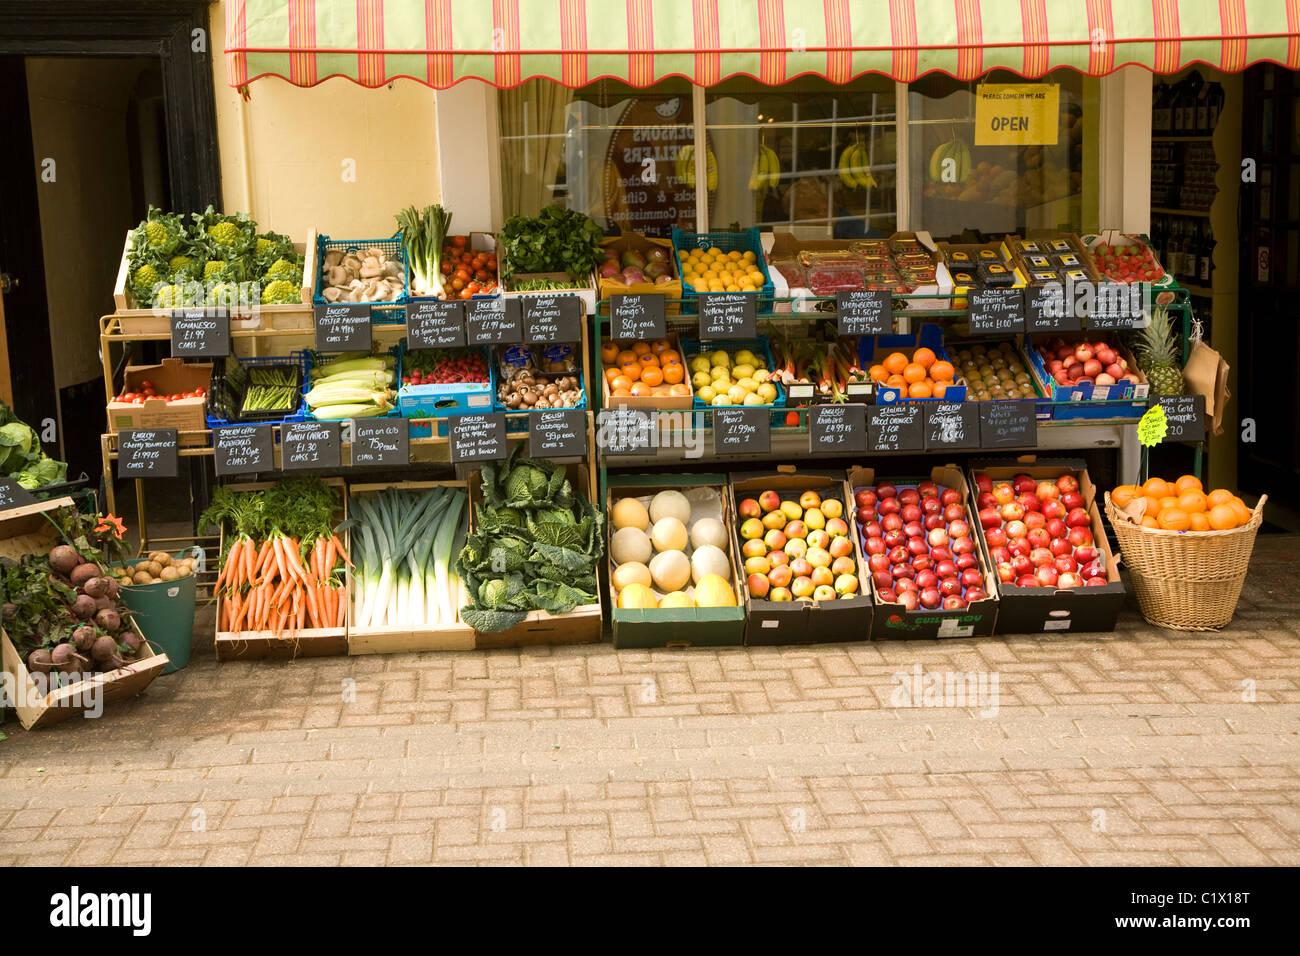 Display fruit vegetables outside greengrocers shop Halesworth Suffolk - Stock Image